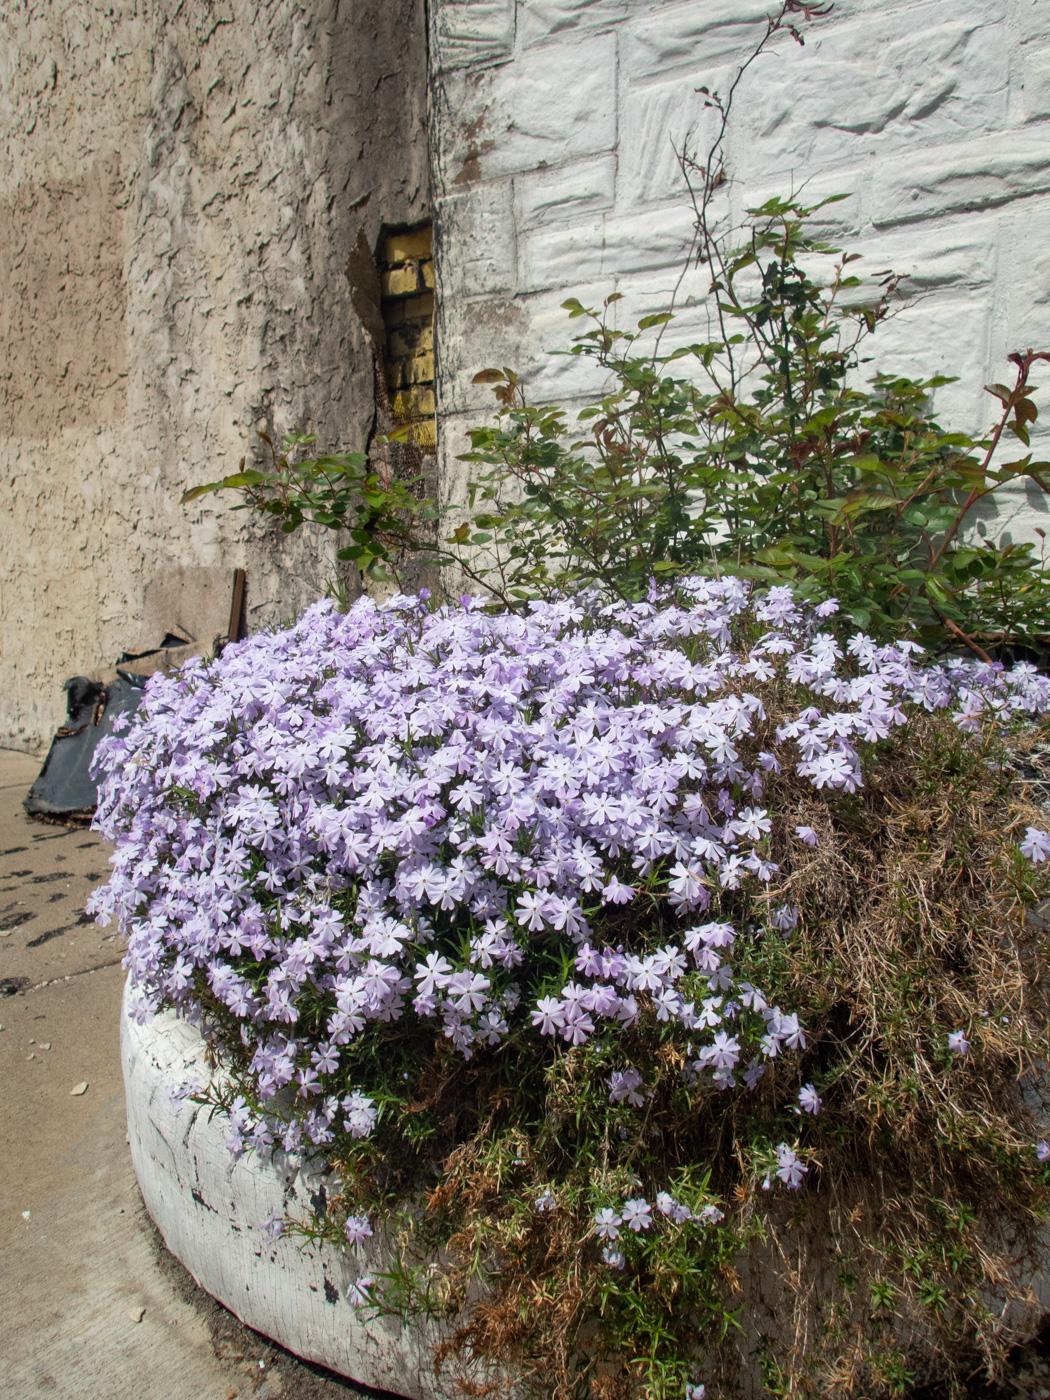 Tire Full of Flowers